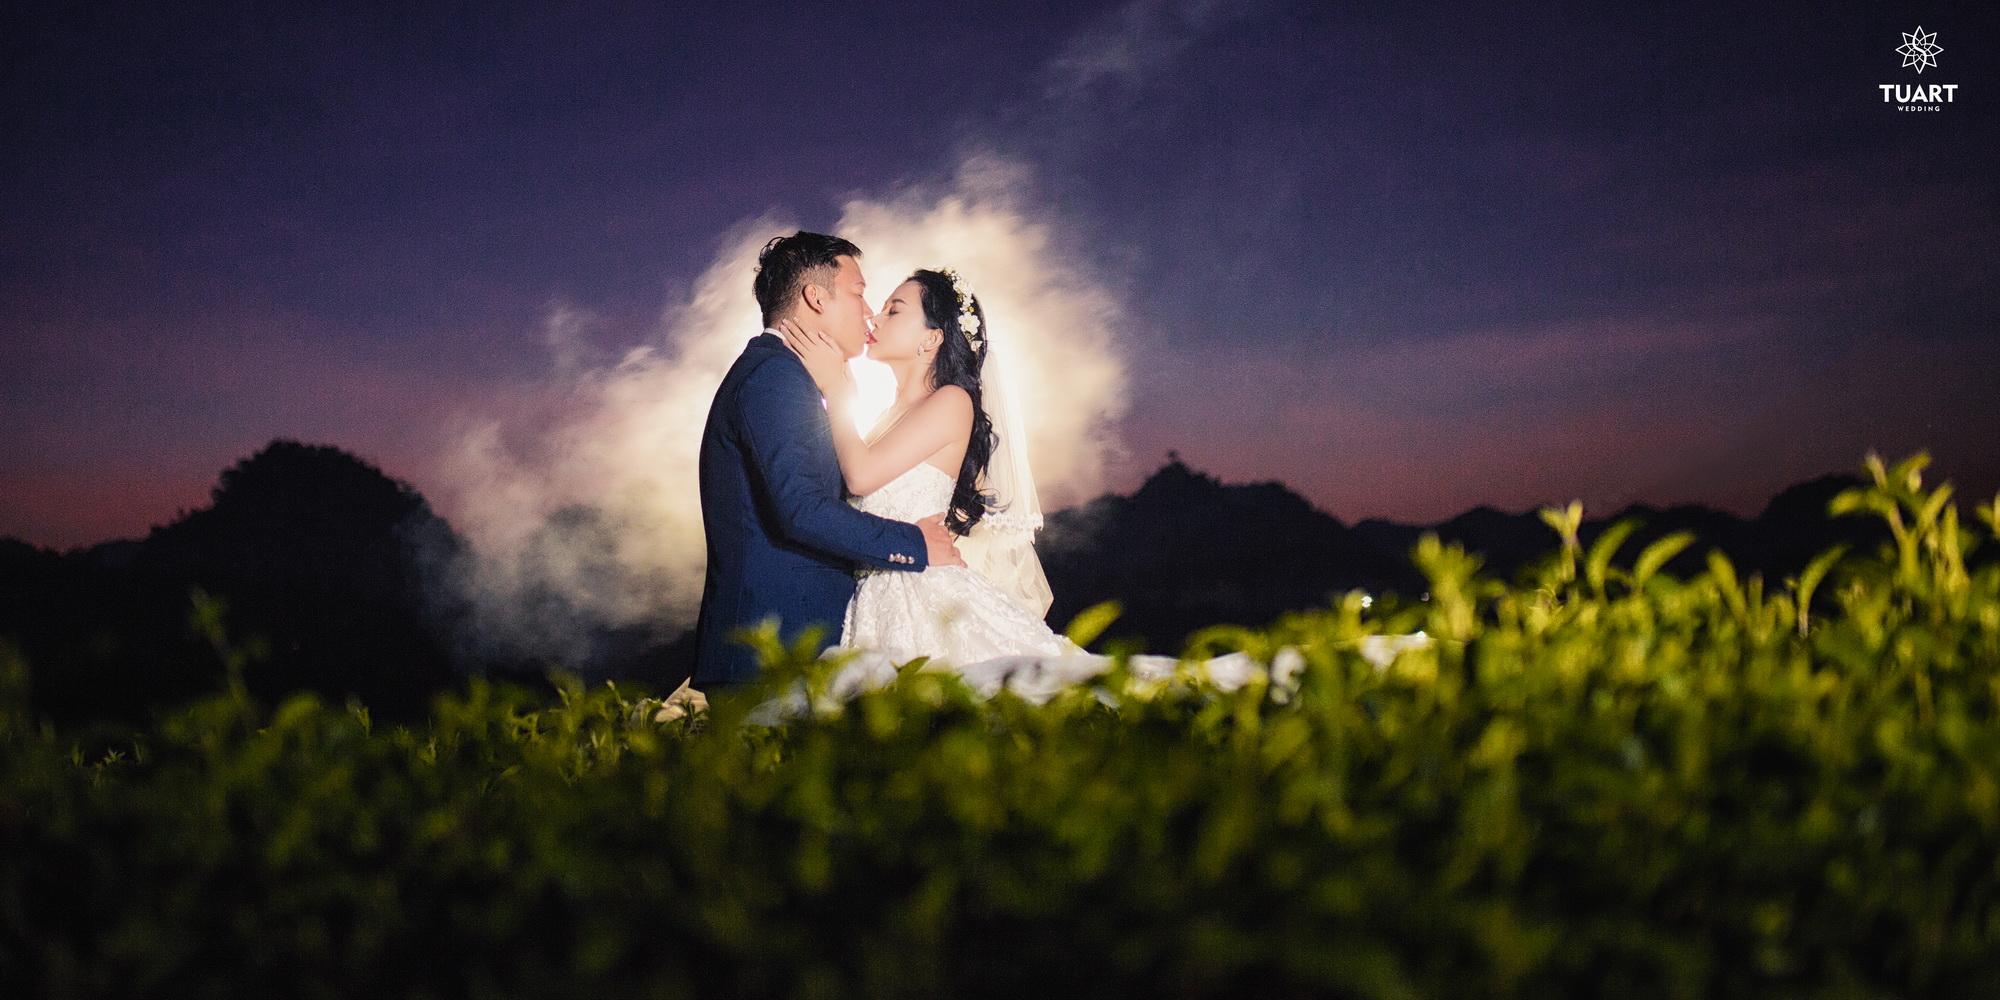 Album chụp ảnh cưới đẹp tại Mộc Châu: Đức-Lan 1